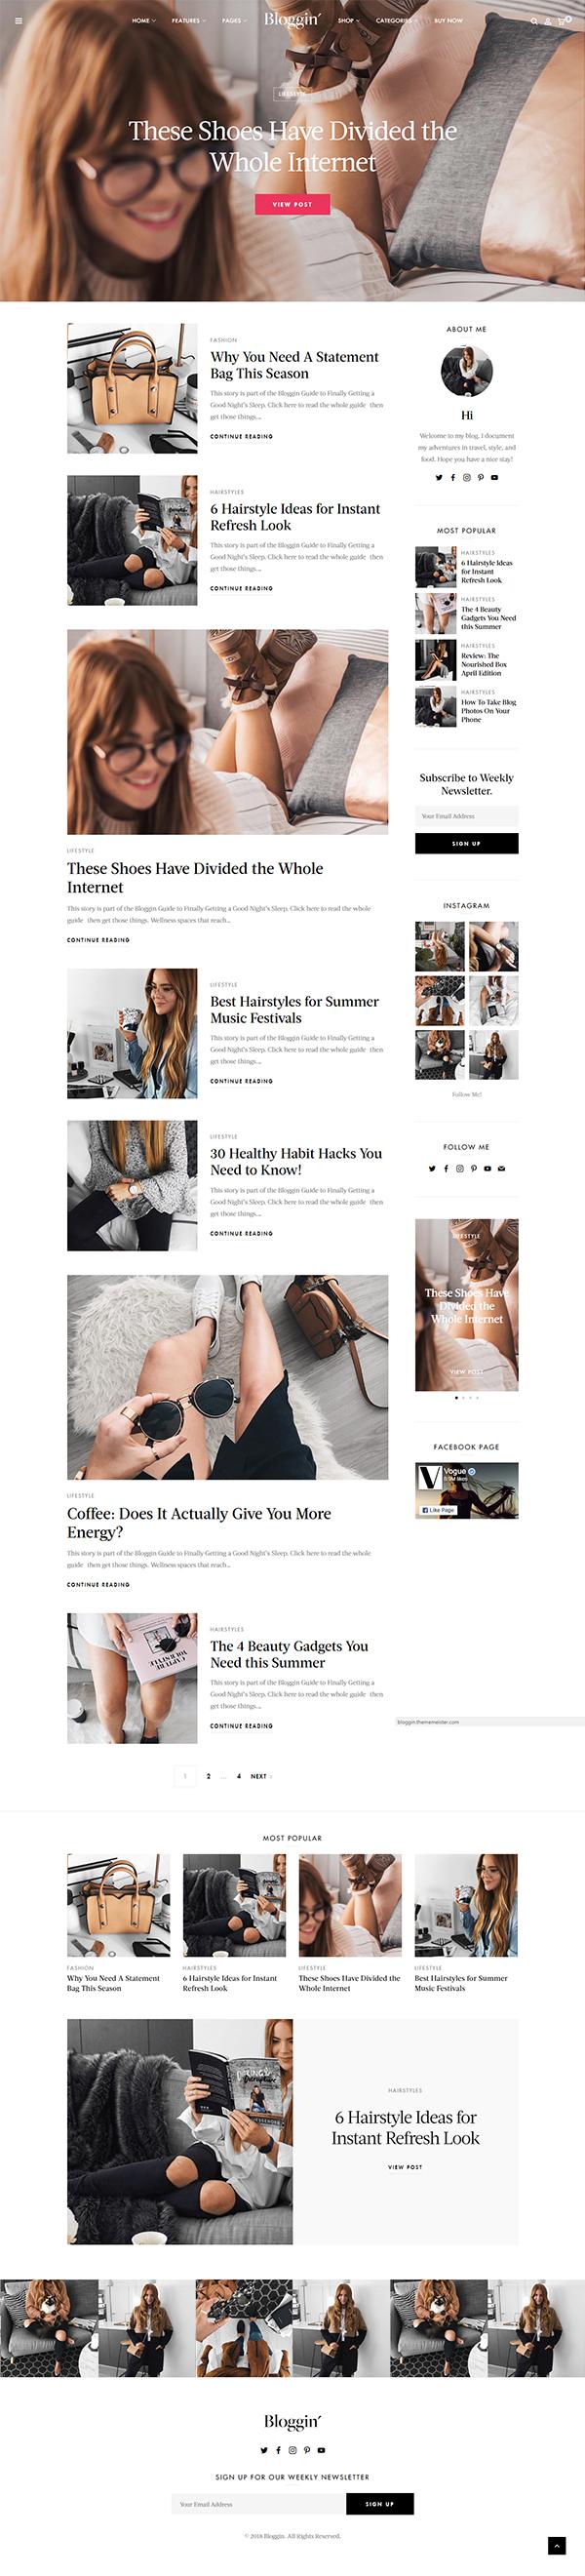 Blggn - A Responsive Blog & Shop WordPress Theme